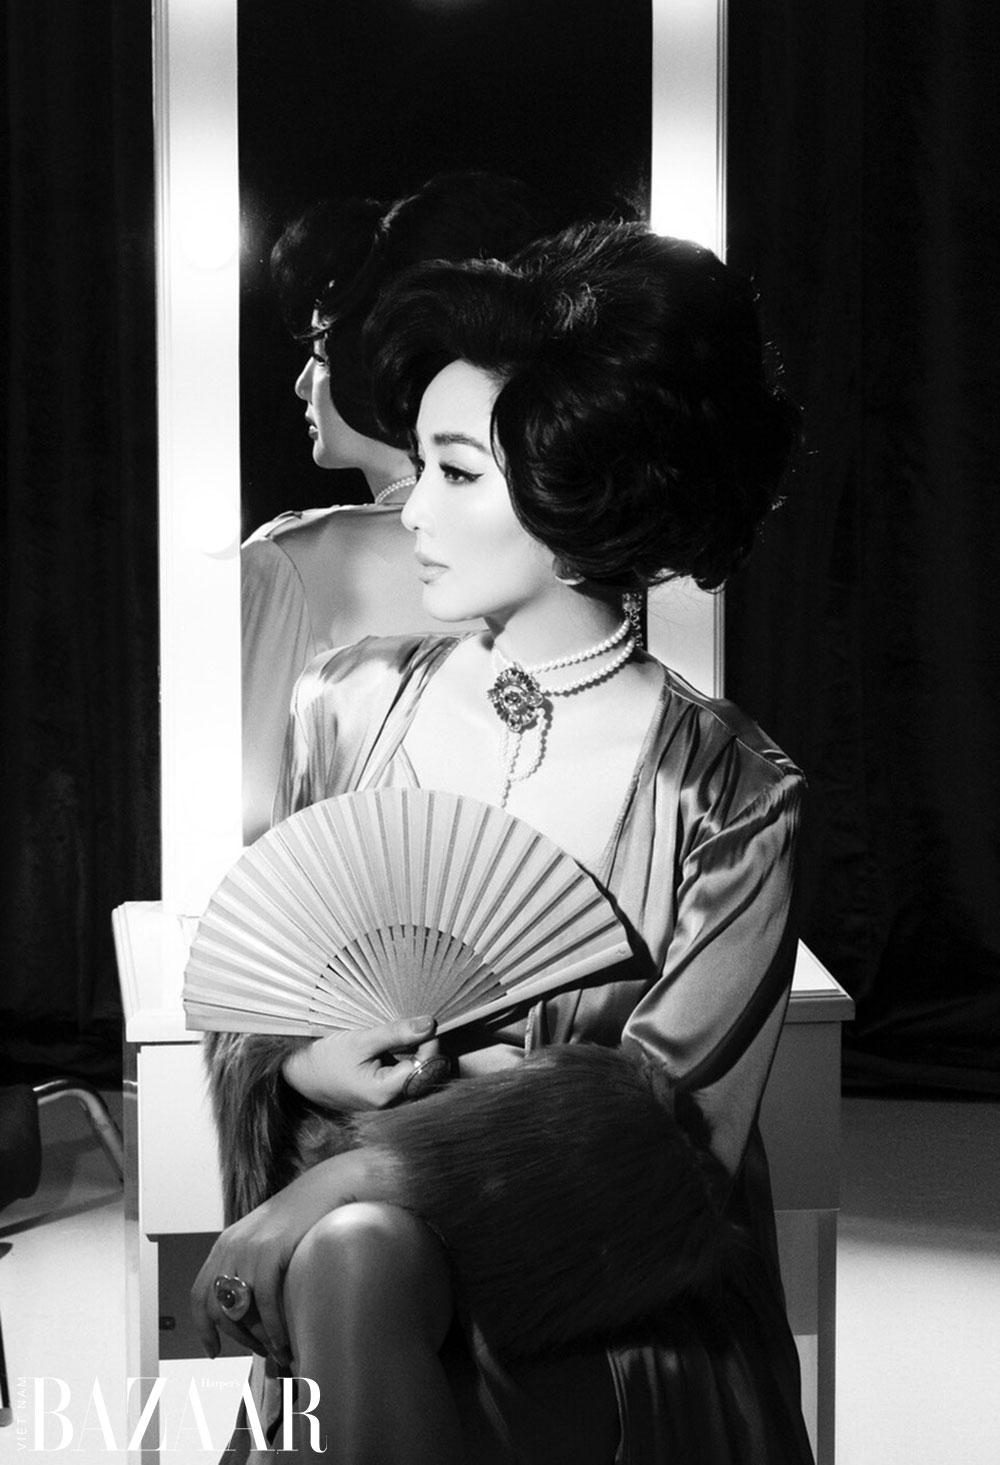 Hoa hậu đền Hùng Giáng My hoá mỹ nhân ảnh lịch với ngọc trai và áo lông thú